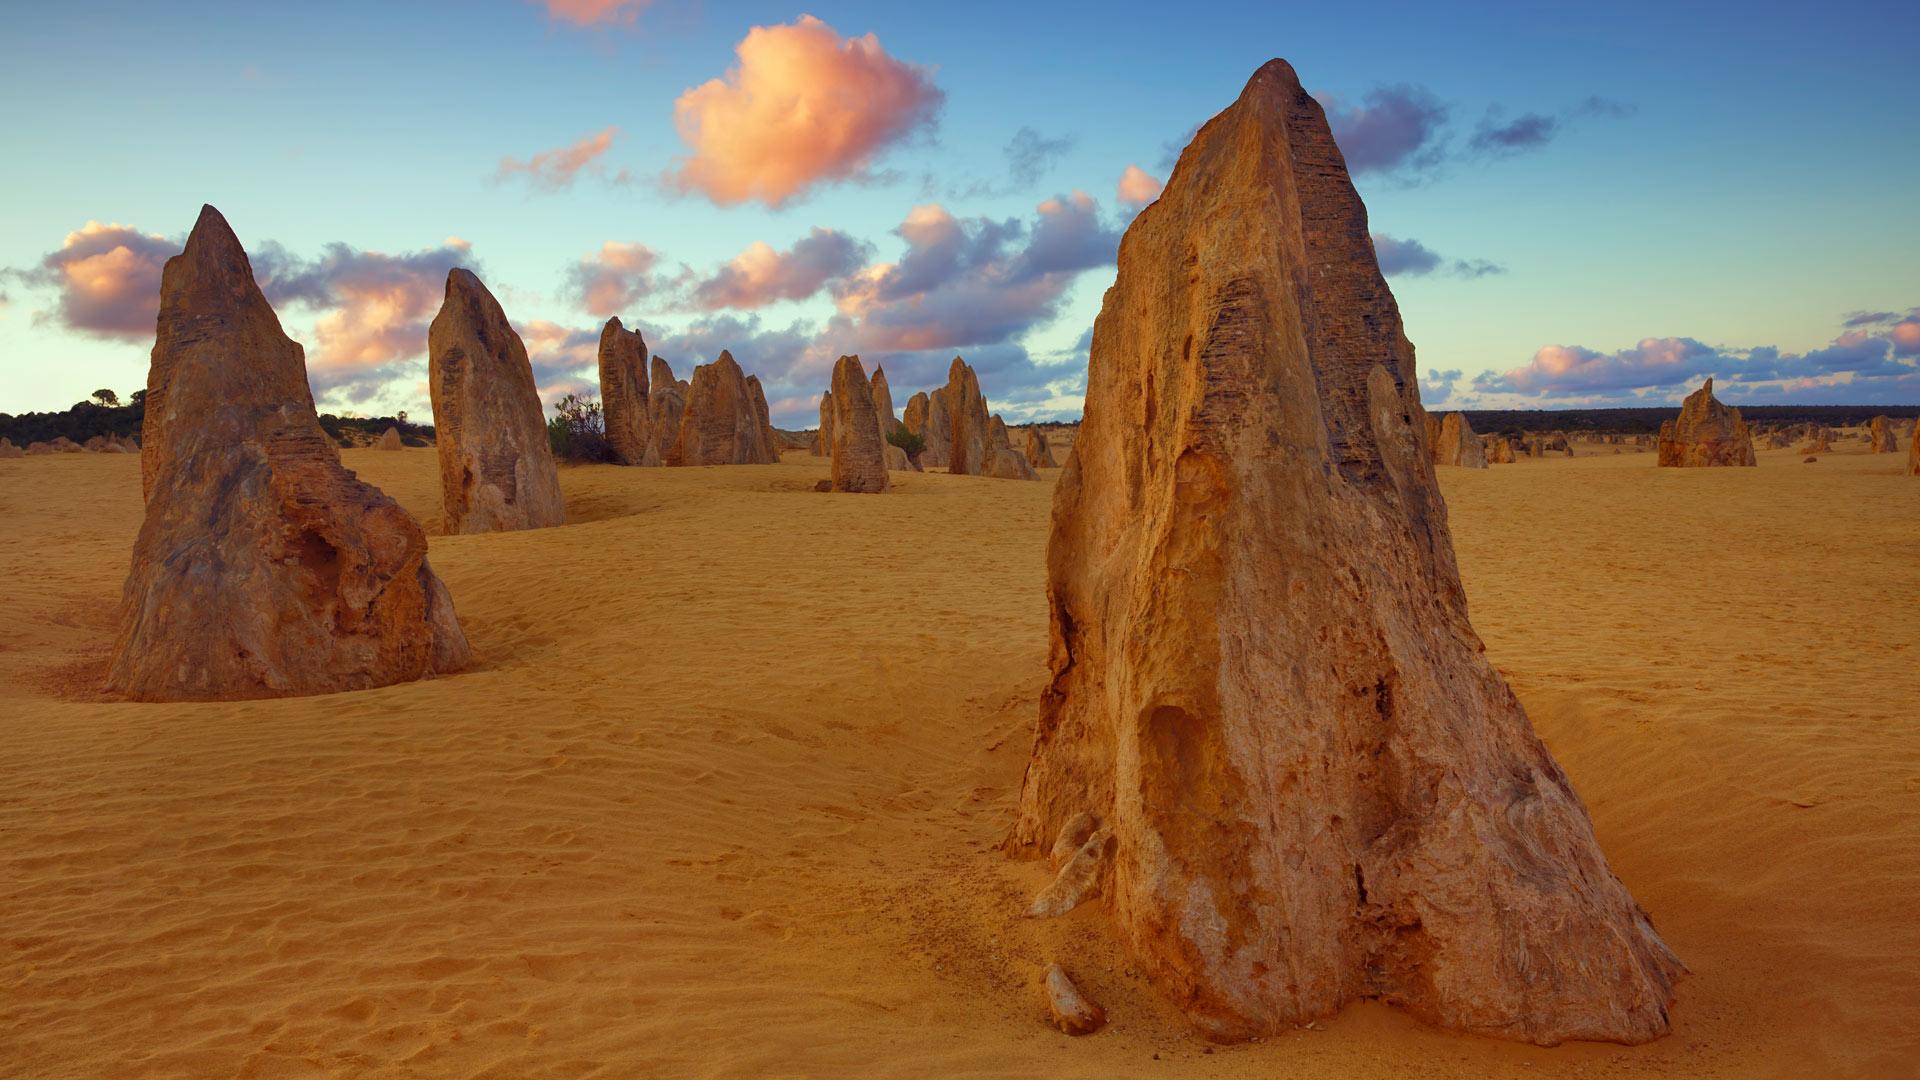 「ピナクルズ砂漠」西オーストラリア, ナンバン国立公園 (© Frank Krahmer/Getty Images Plus)